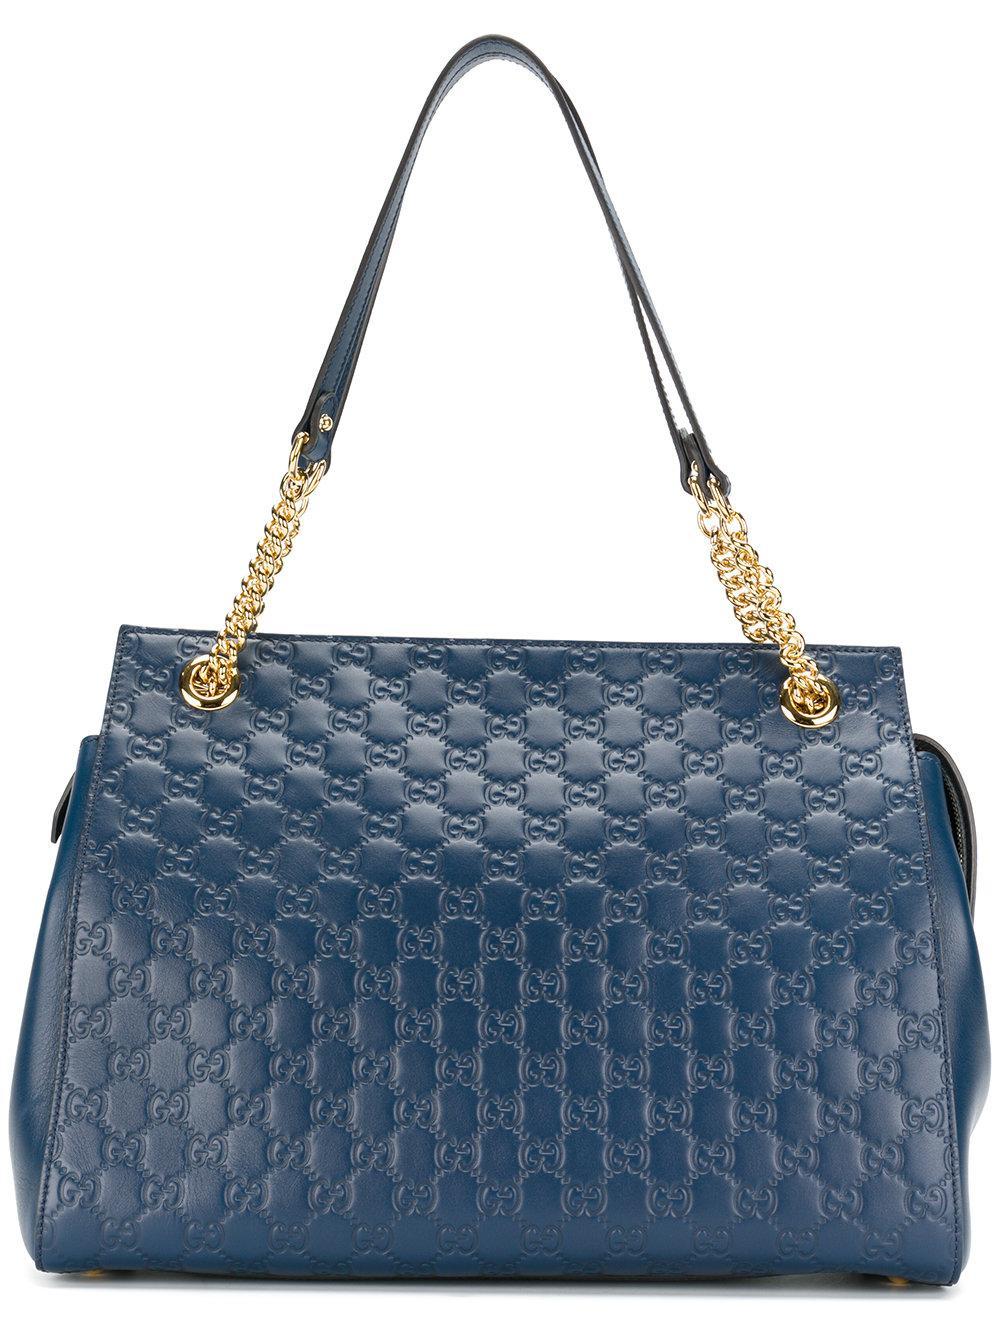 be0e0e62a74 Gucci Signature Chain-Handle Tote Bag In Medium Gray